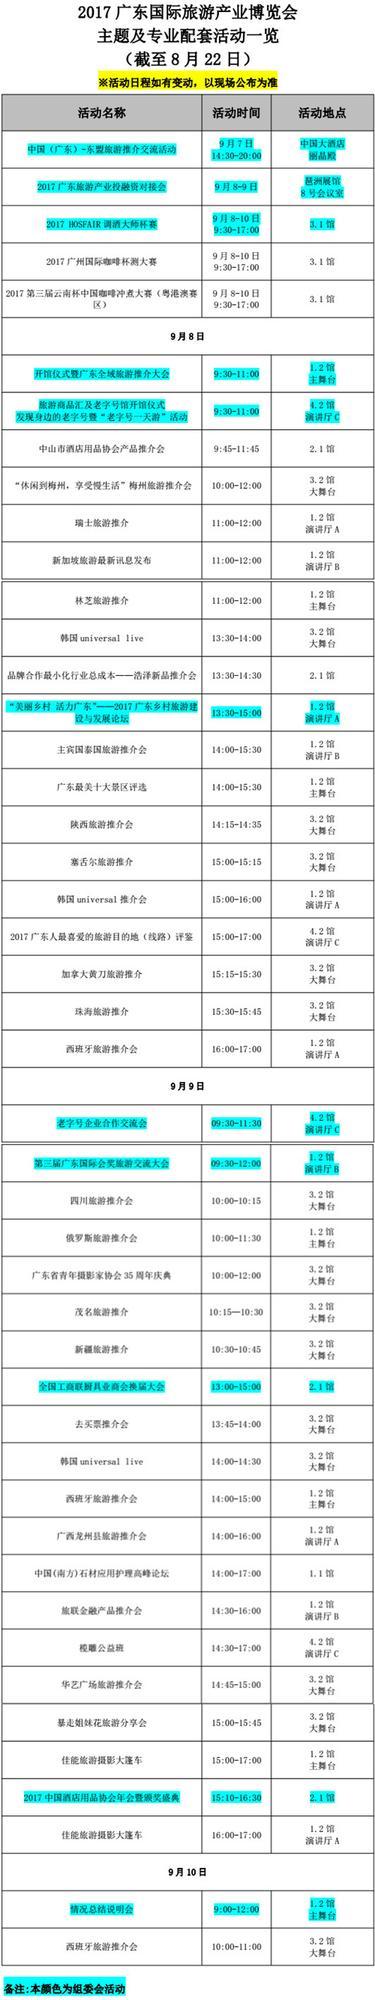 2017广东国际旅游产业博览会日程安排